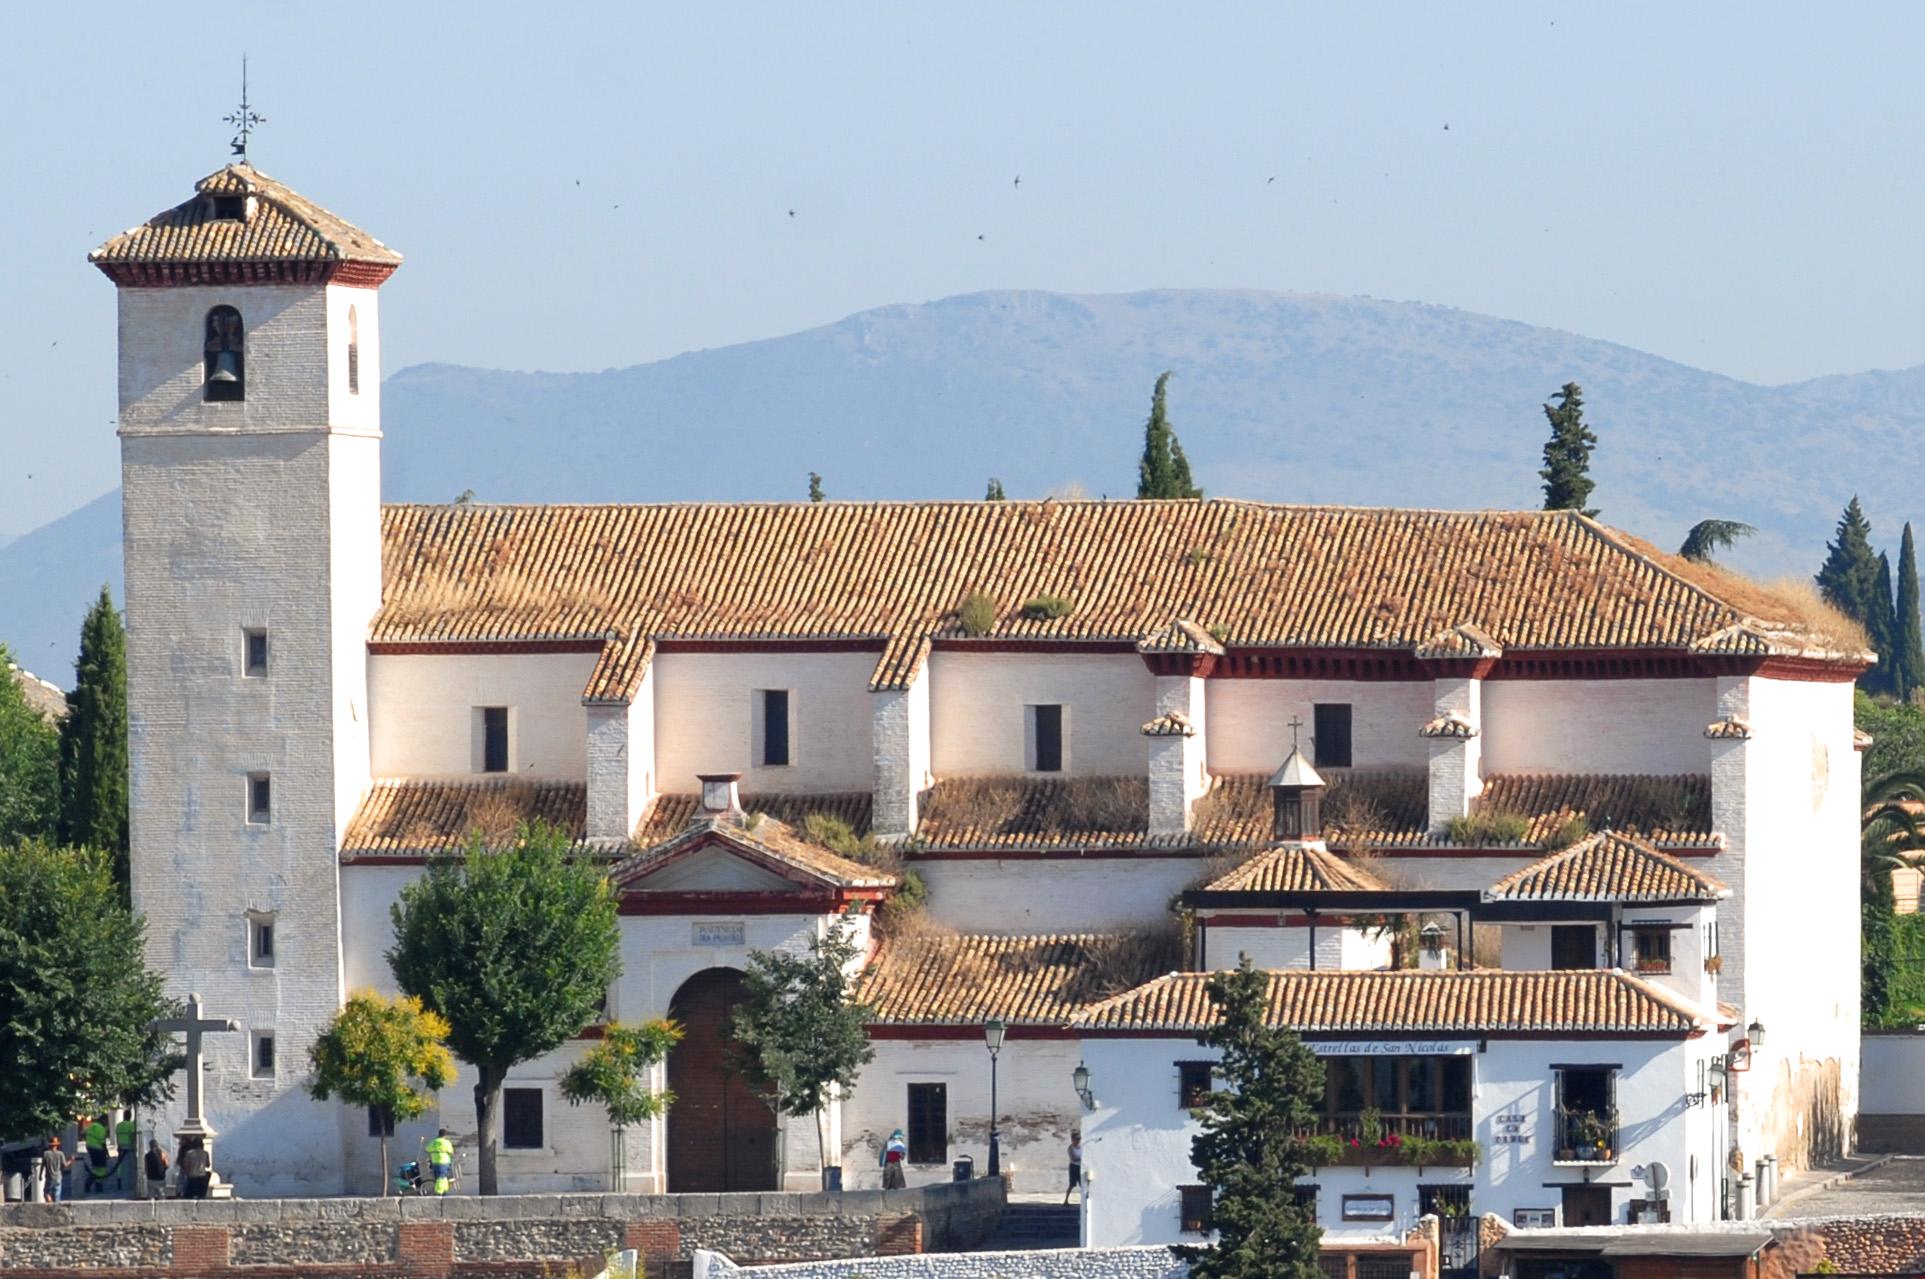 Una campaña audiovisual promociona Granada como destino turístico entre ciudades